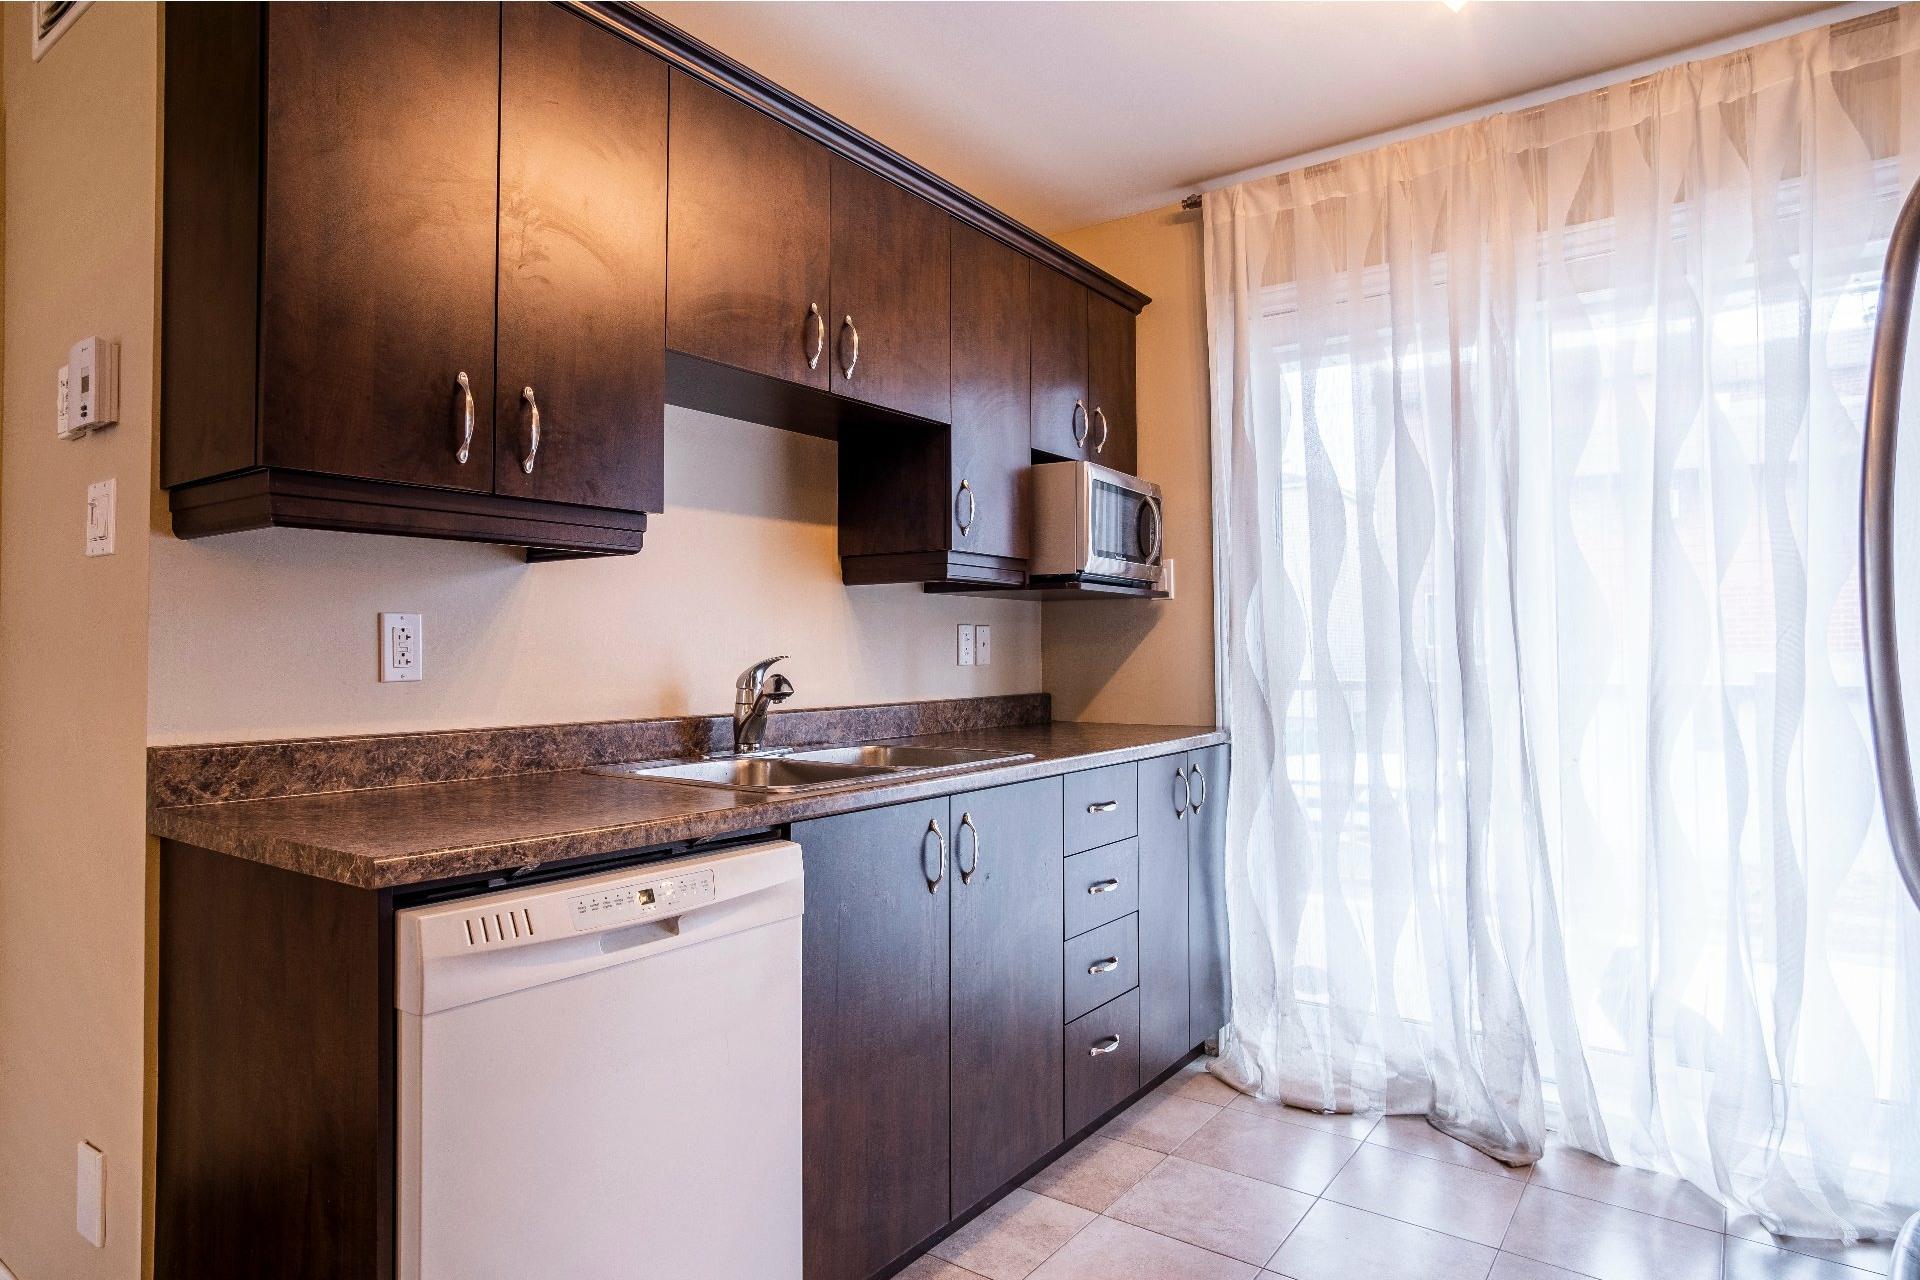 image 11 - Appartement À vendre Lachine Montréal  - 9 pièces